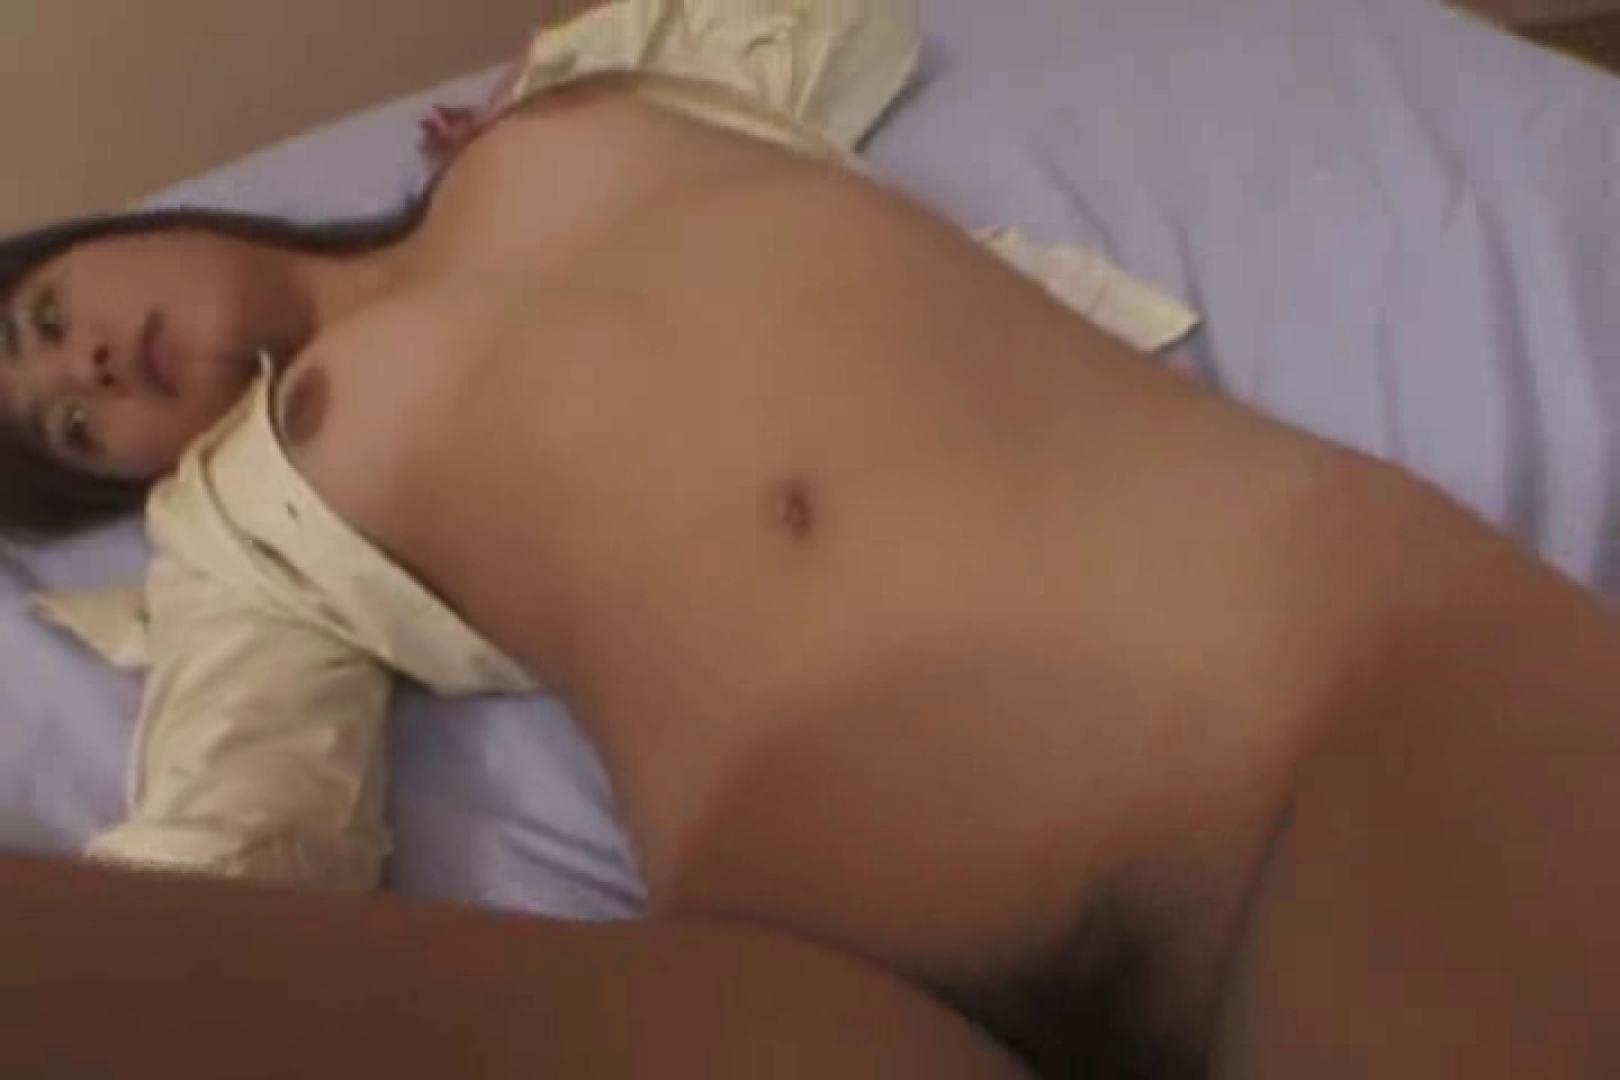 素人嬢126人のハメ撮り 川村美幸 バイブプレイ | メーカー直接買い取り  73pic 1